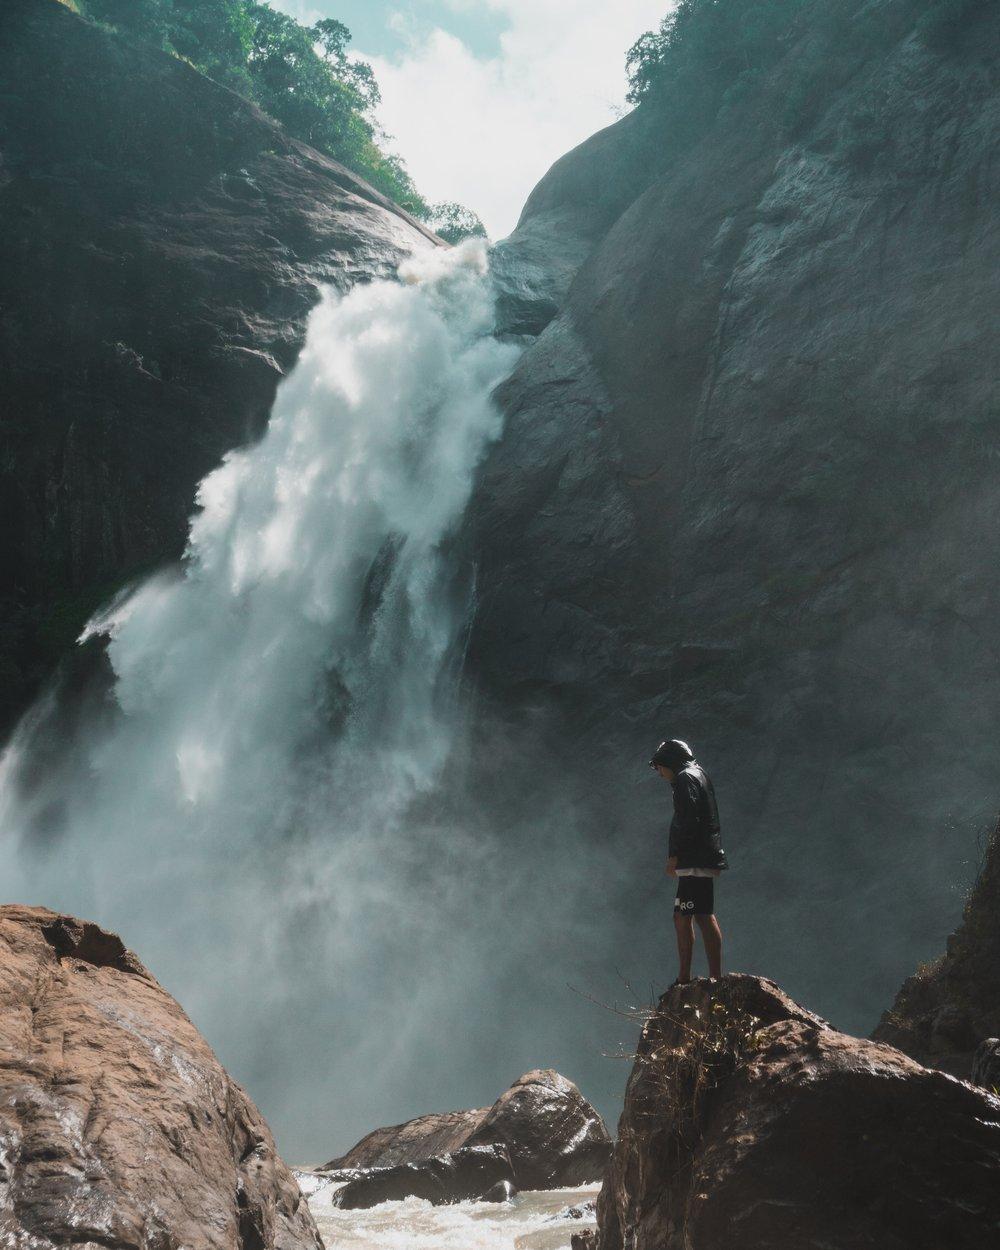 action-adrenaline-adventure-1047051.jpg